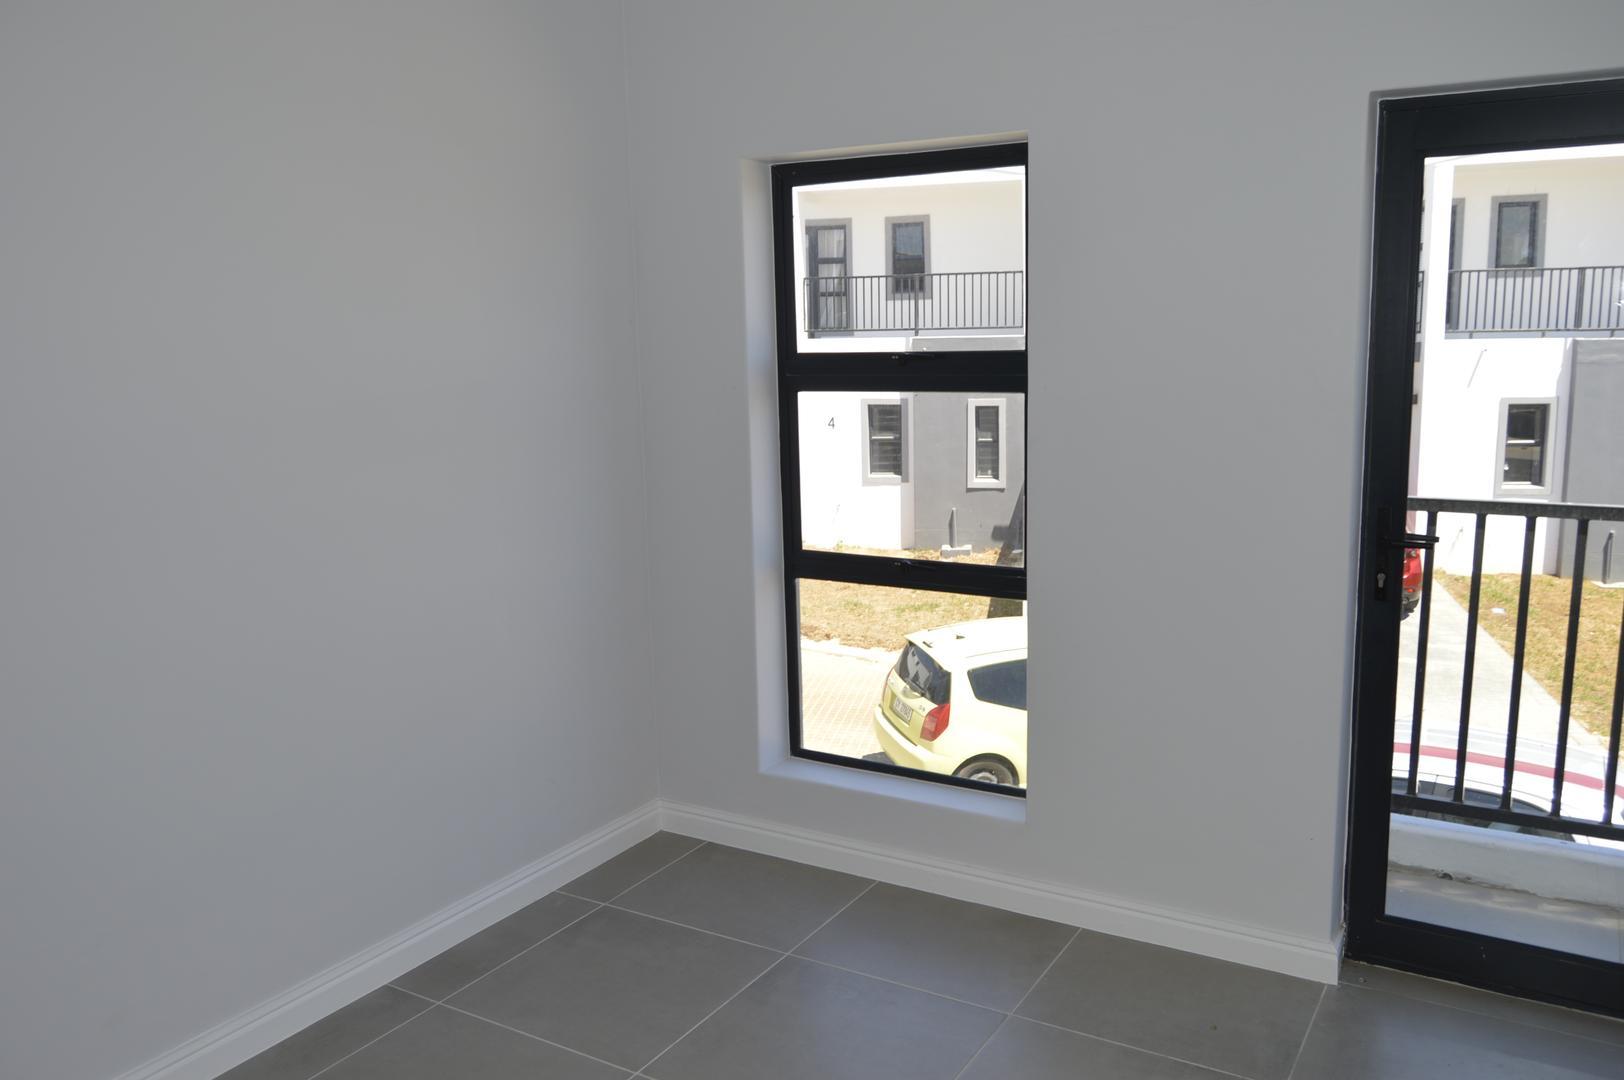 3 BedroomTownhouse To Rent In Langeberg Heights